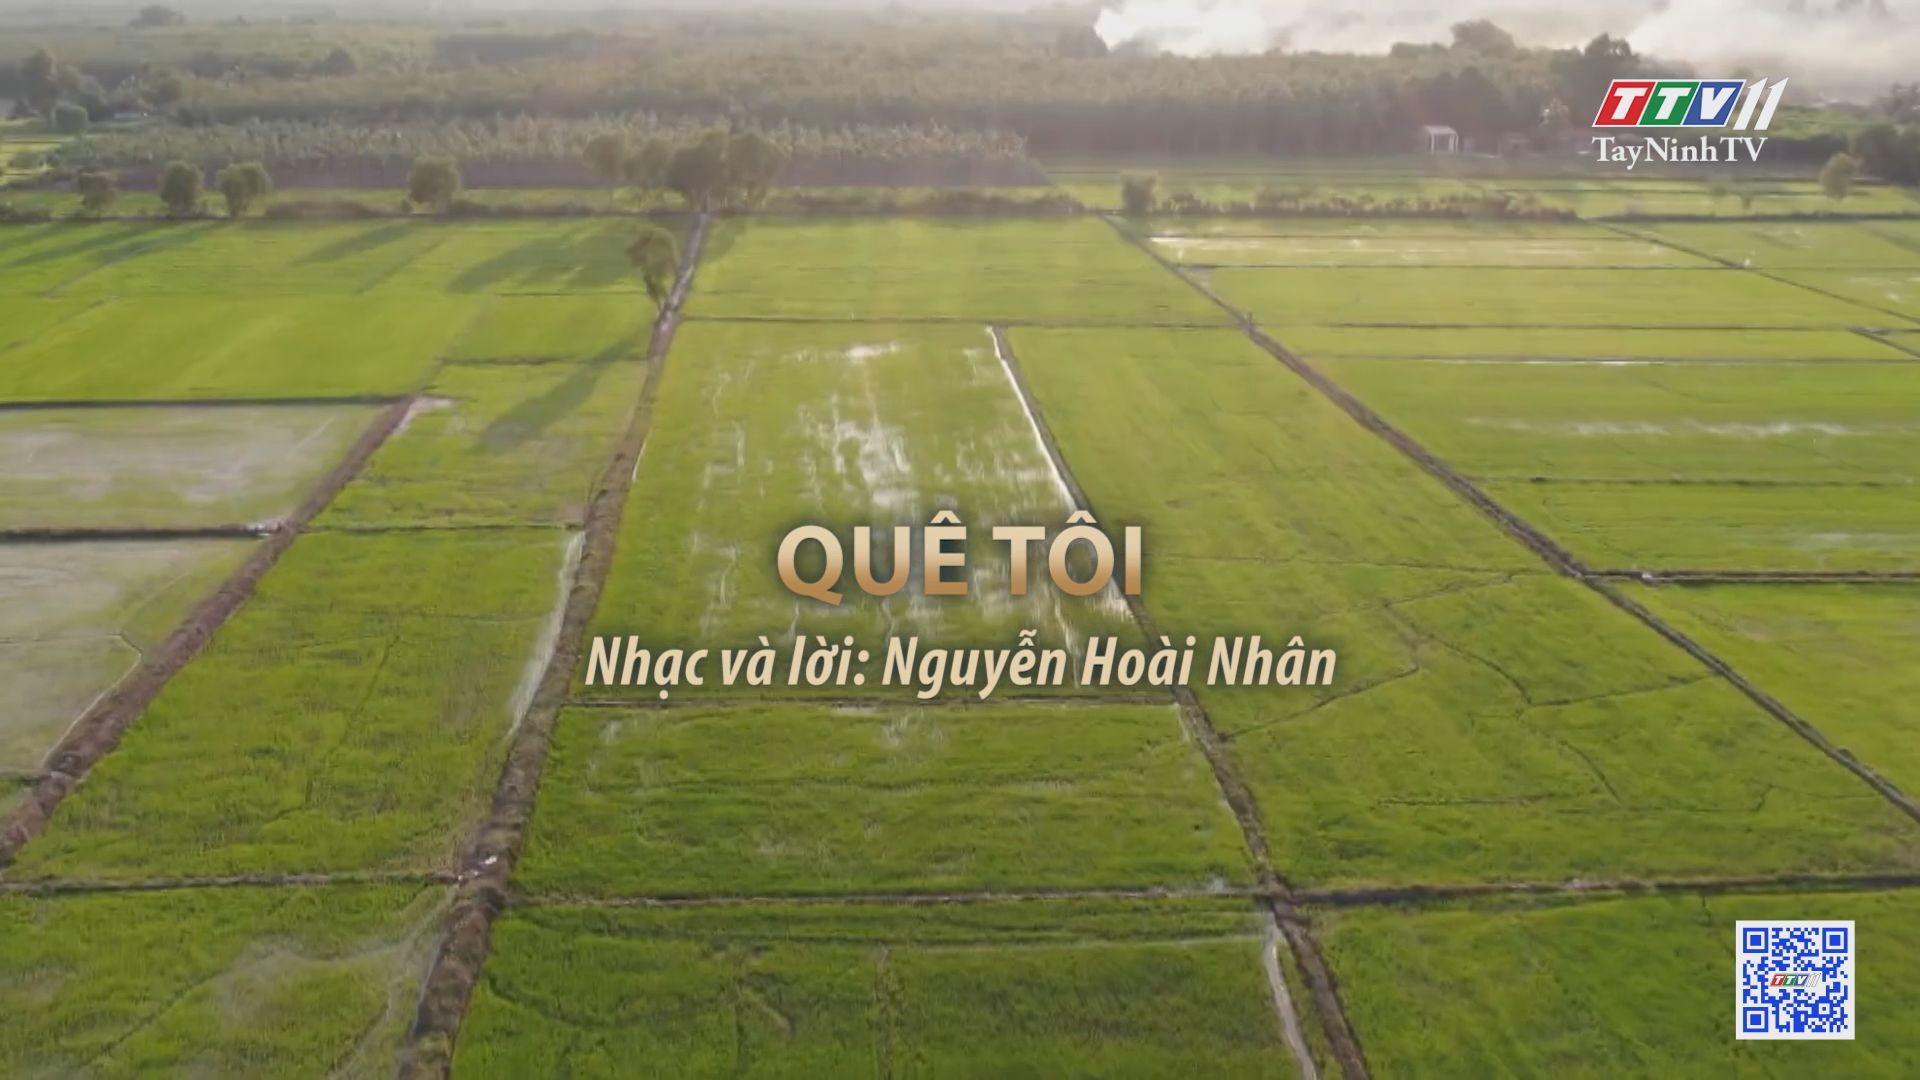 Quê tôi | Tuyển tập karaoke Tây Ninh tình yêu trong tôi | TayNinhTV